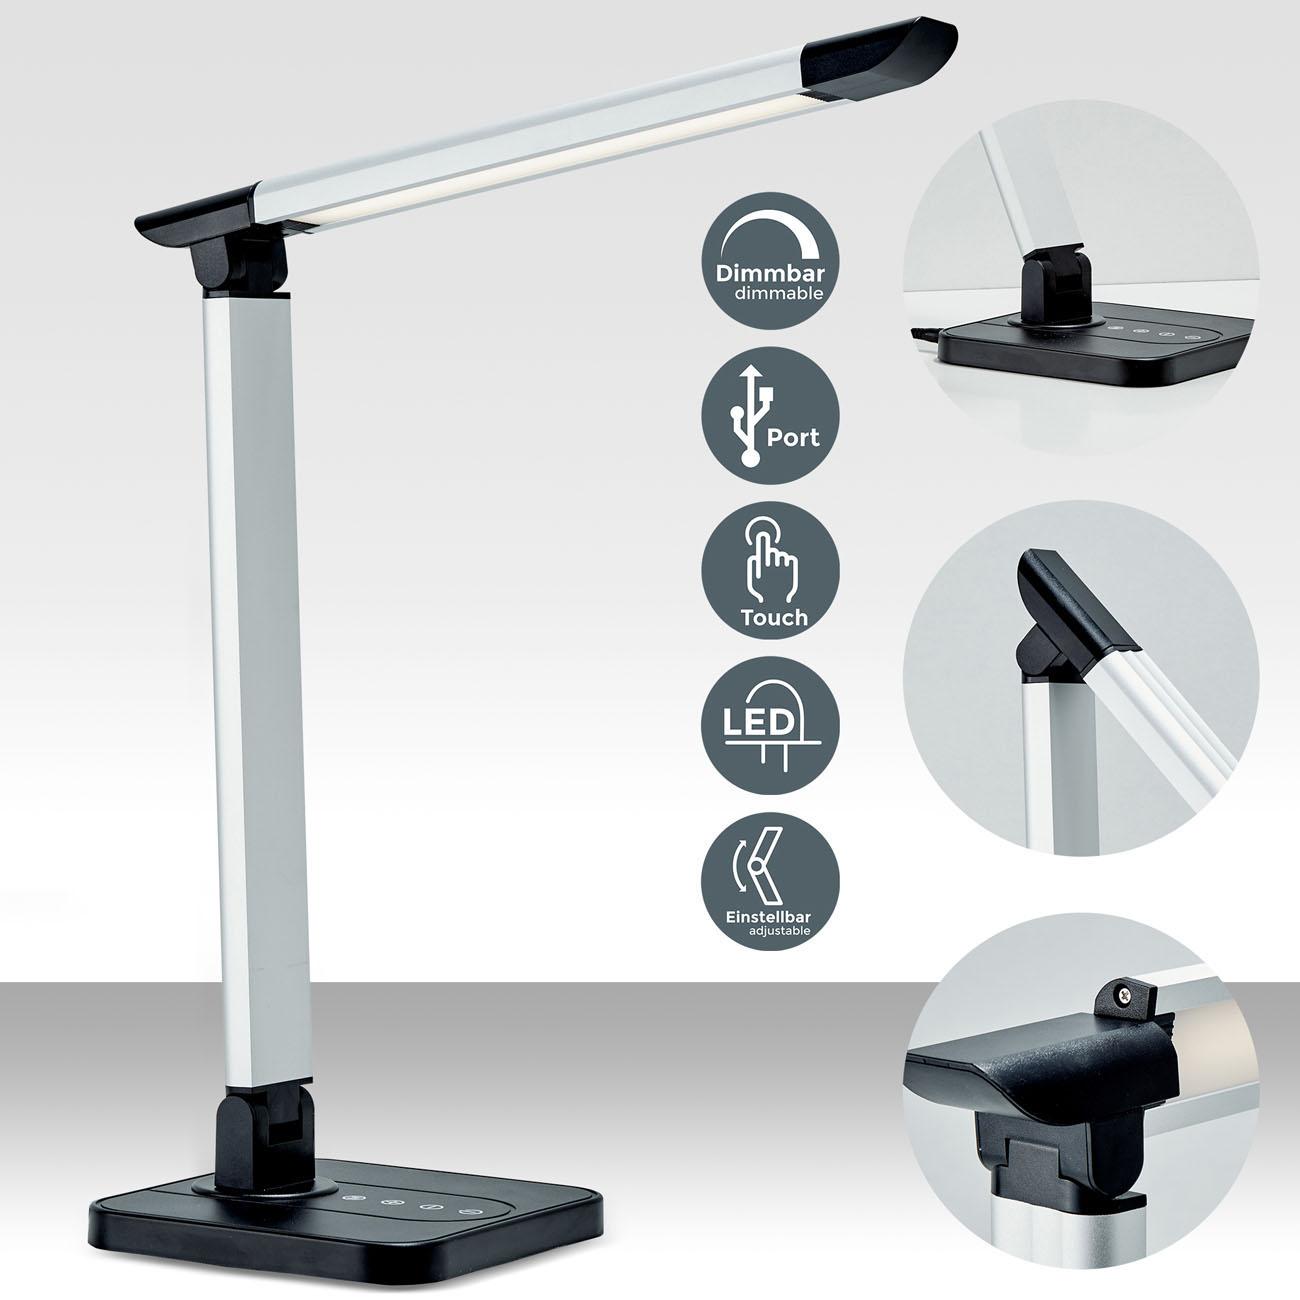 LED Schreibtischleuchte schwenkbar dimmbar schwarz - 3